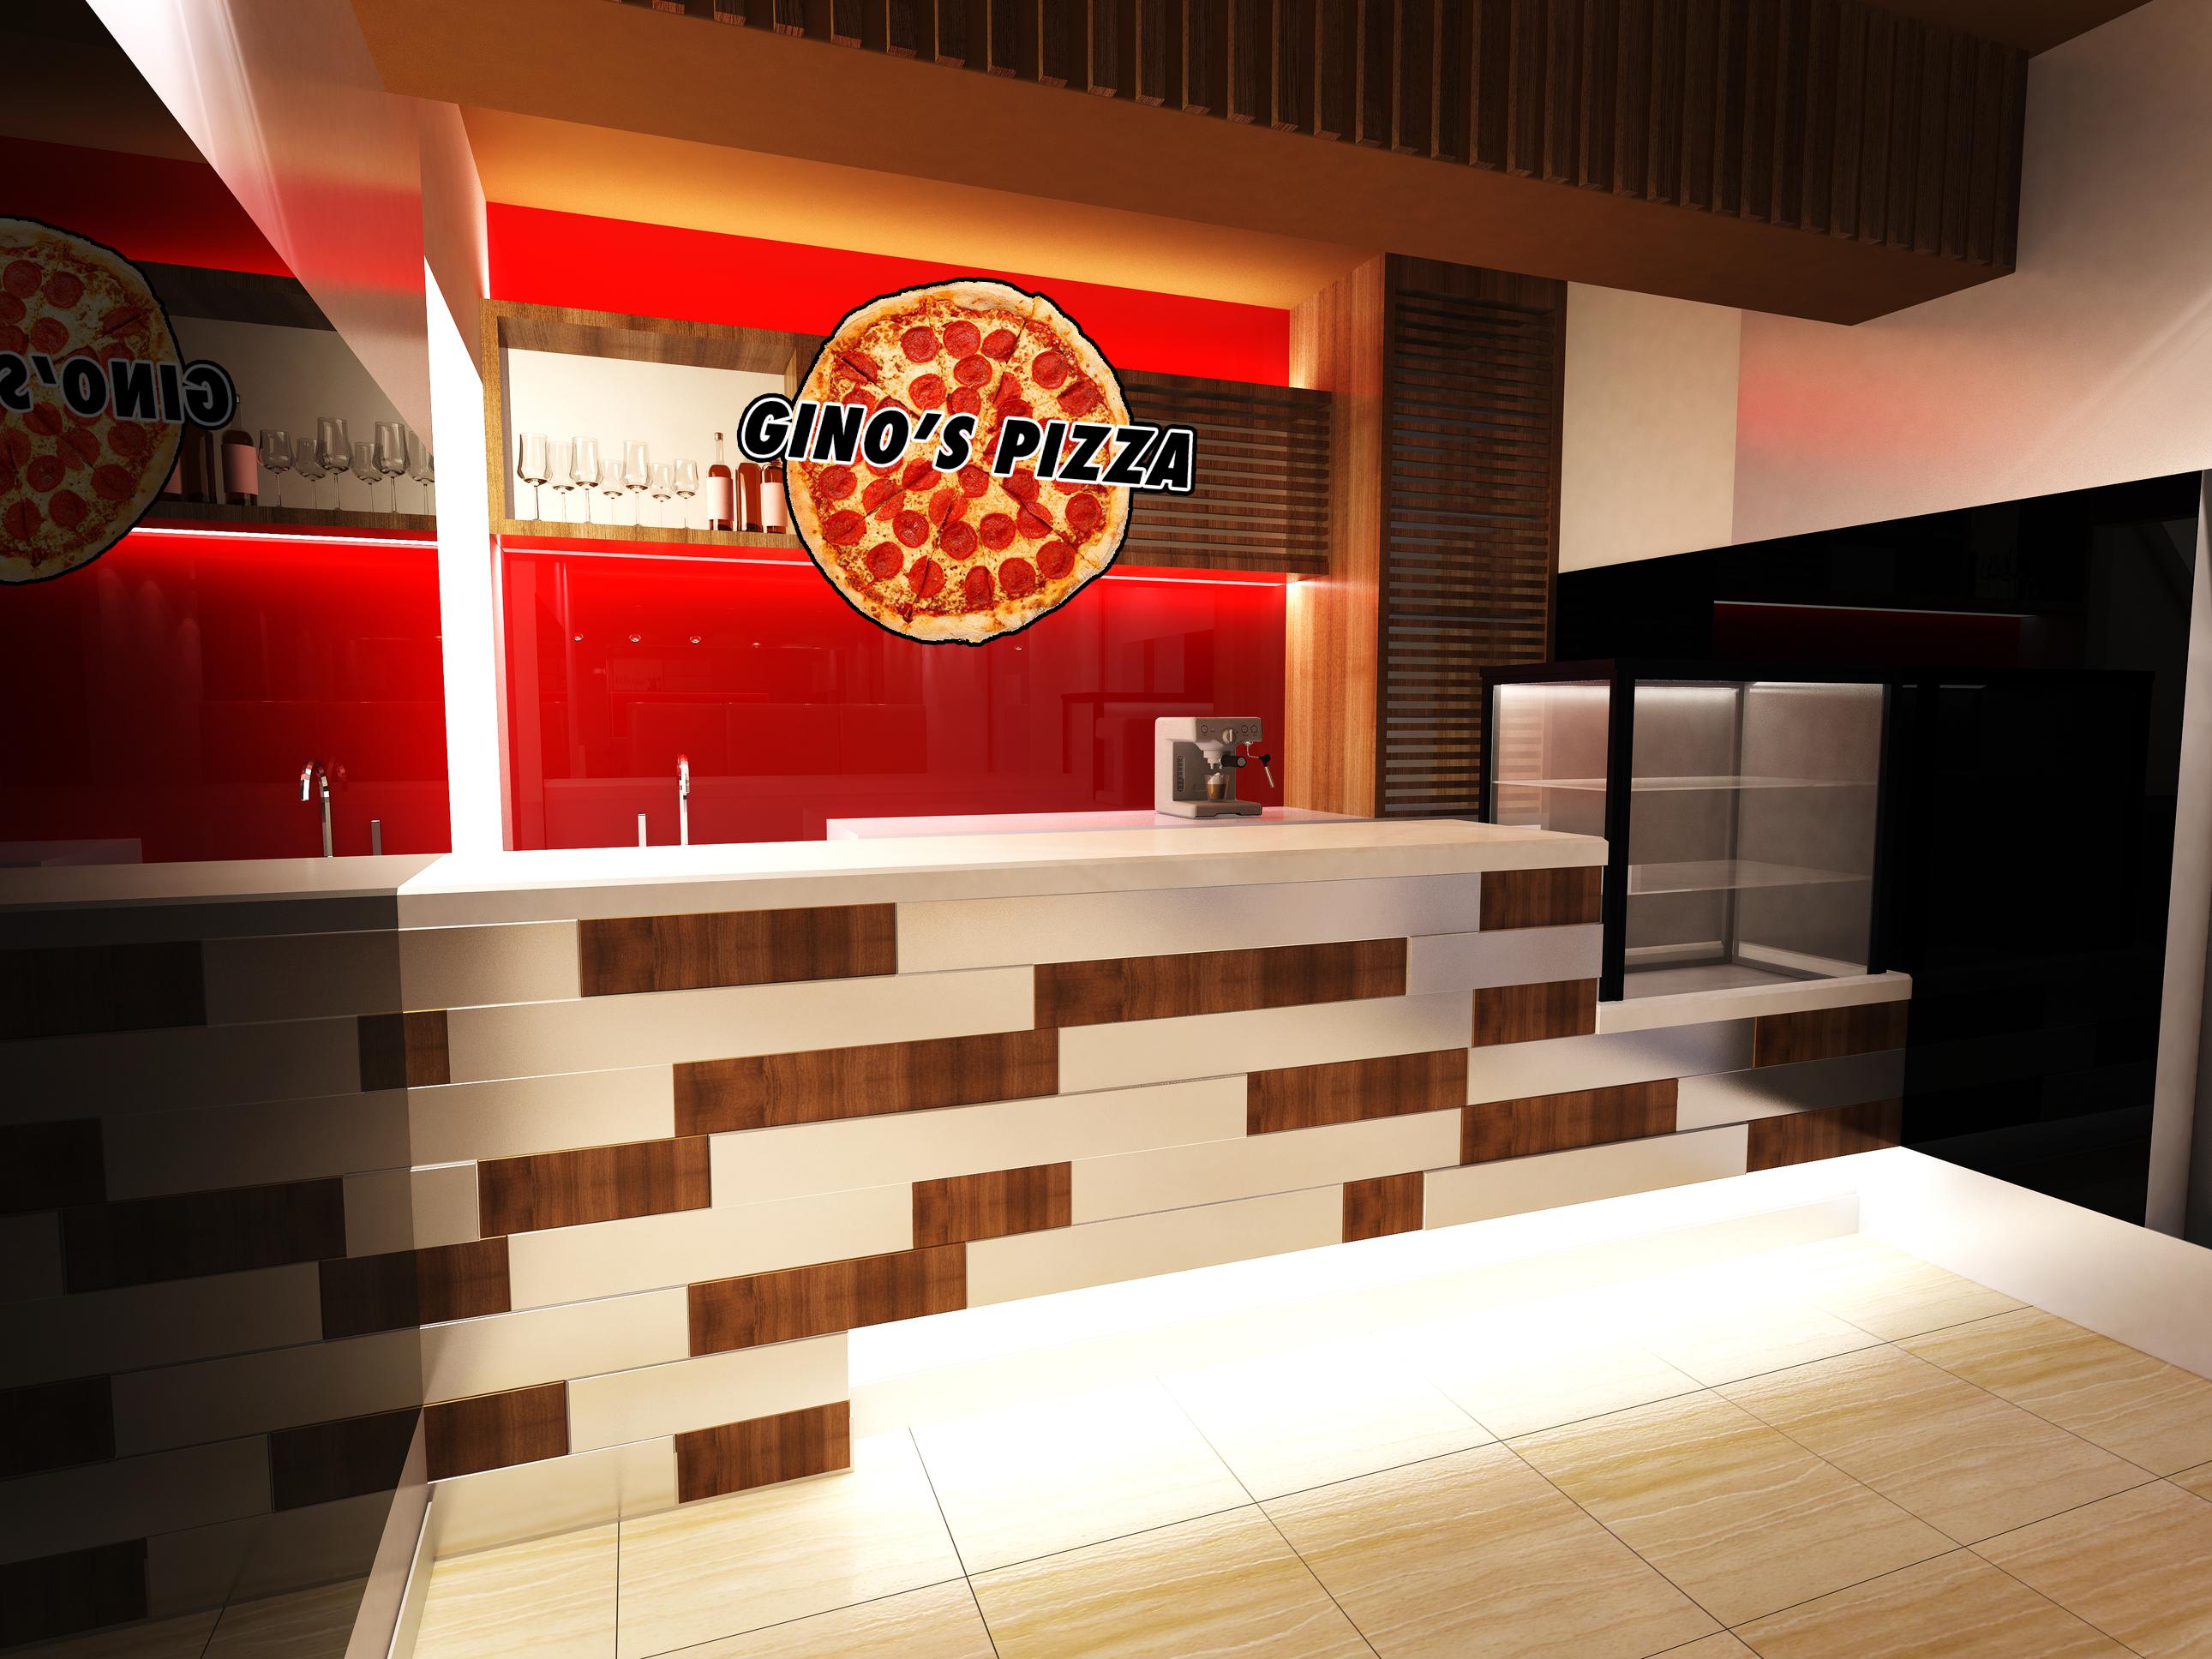 Ginos Pizza Khonjin House Wiki Fandom Powered By Wikia